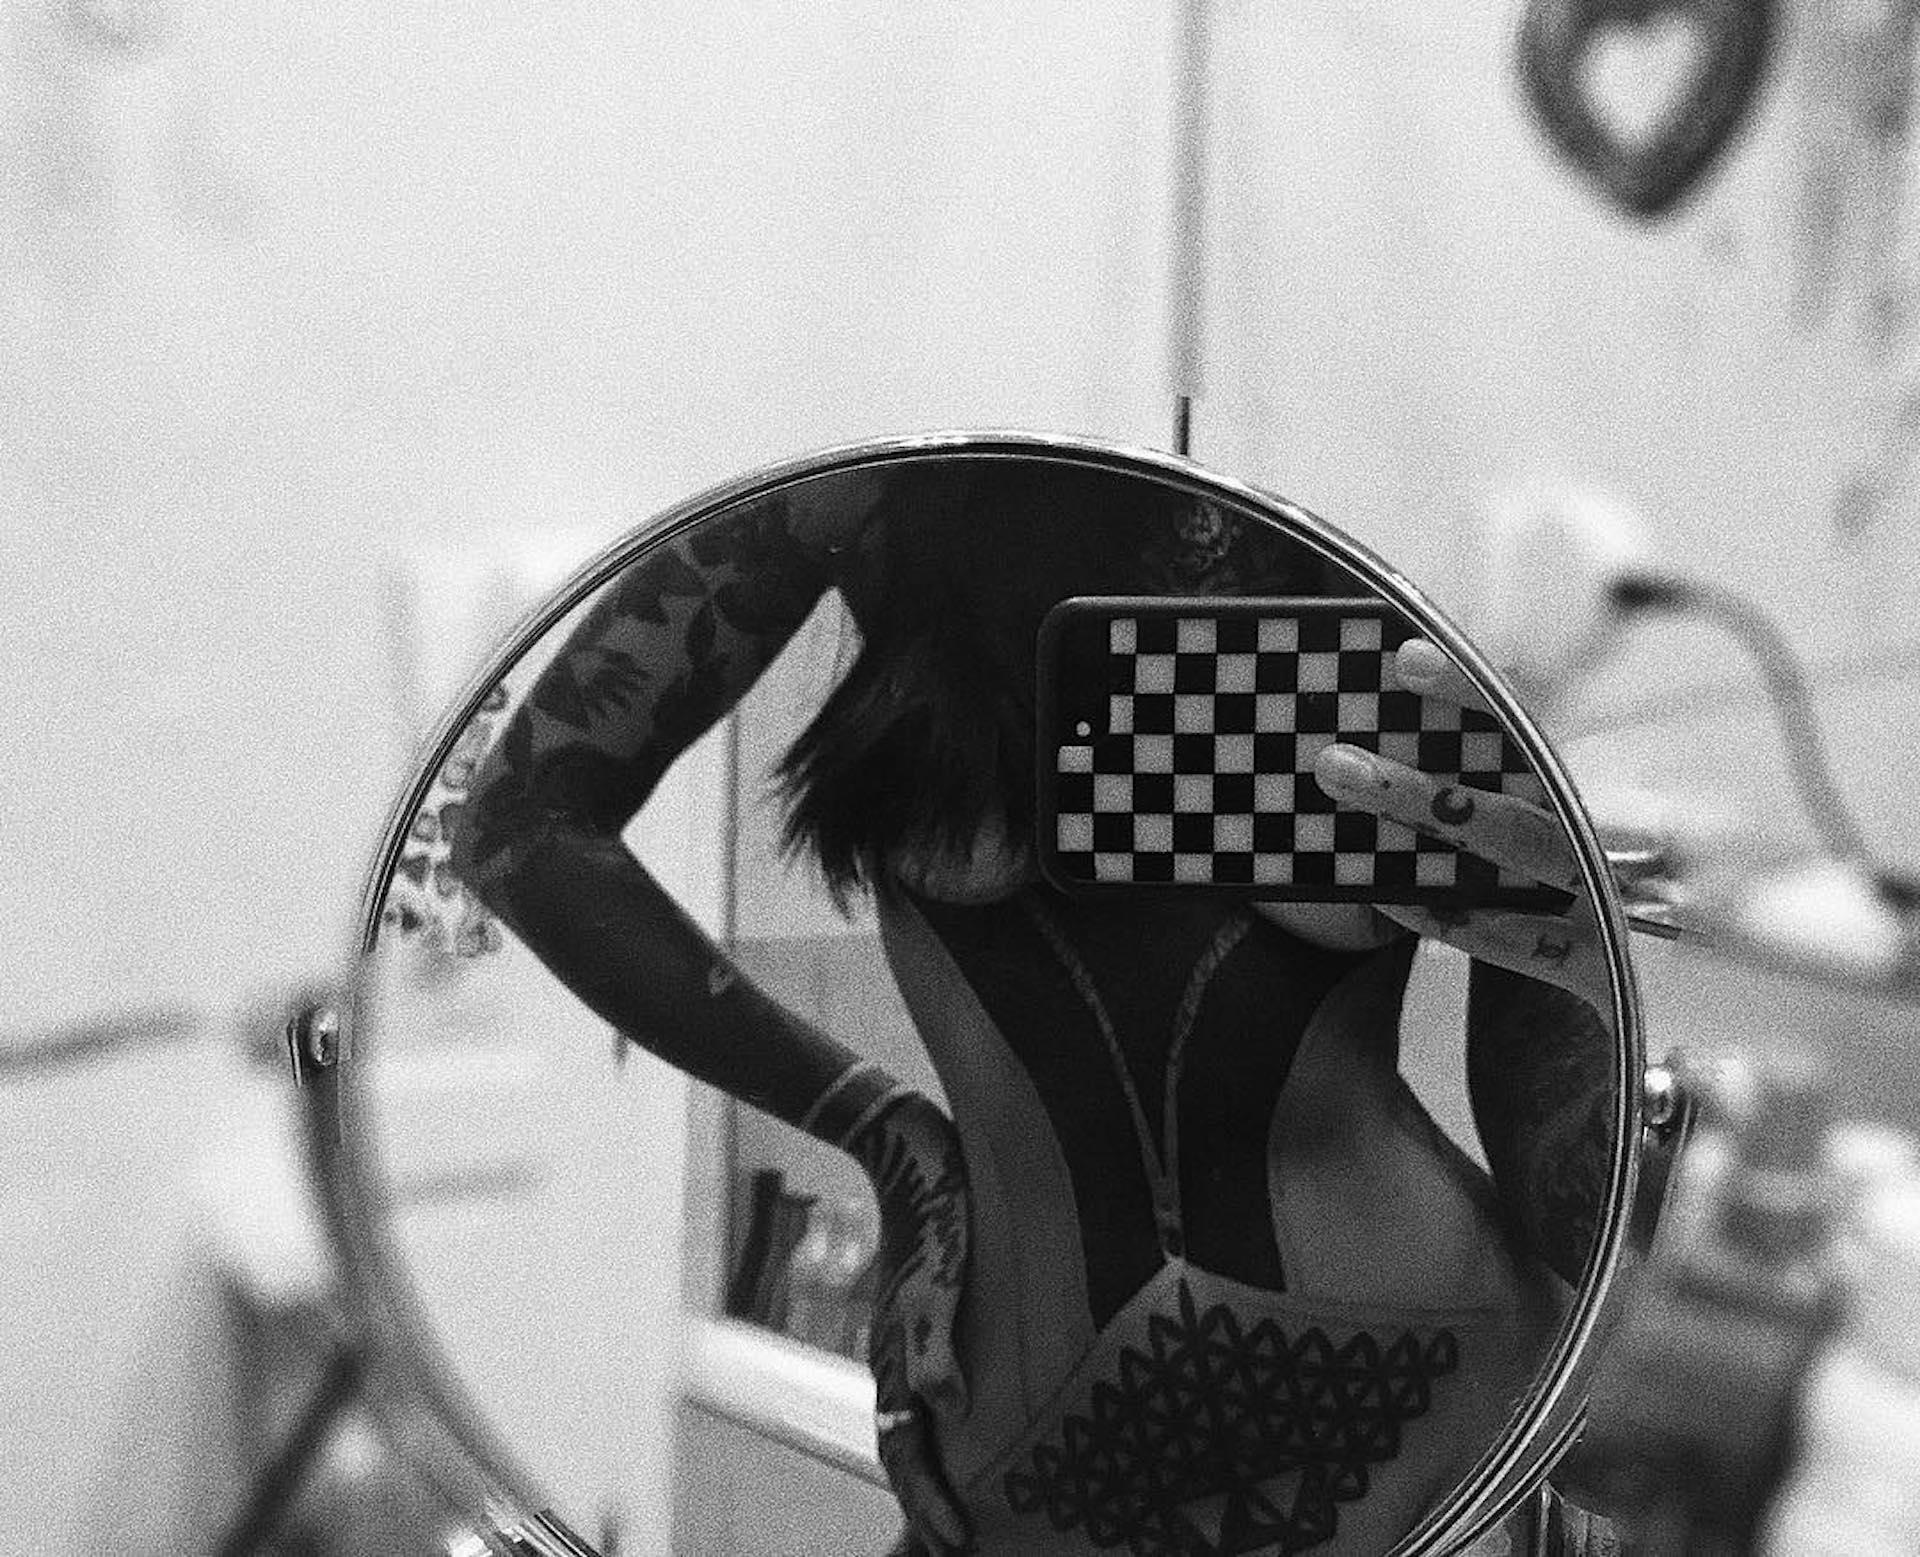 El último tatuaje de Cande Tinelli (Foto Instagram)